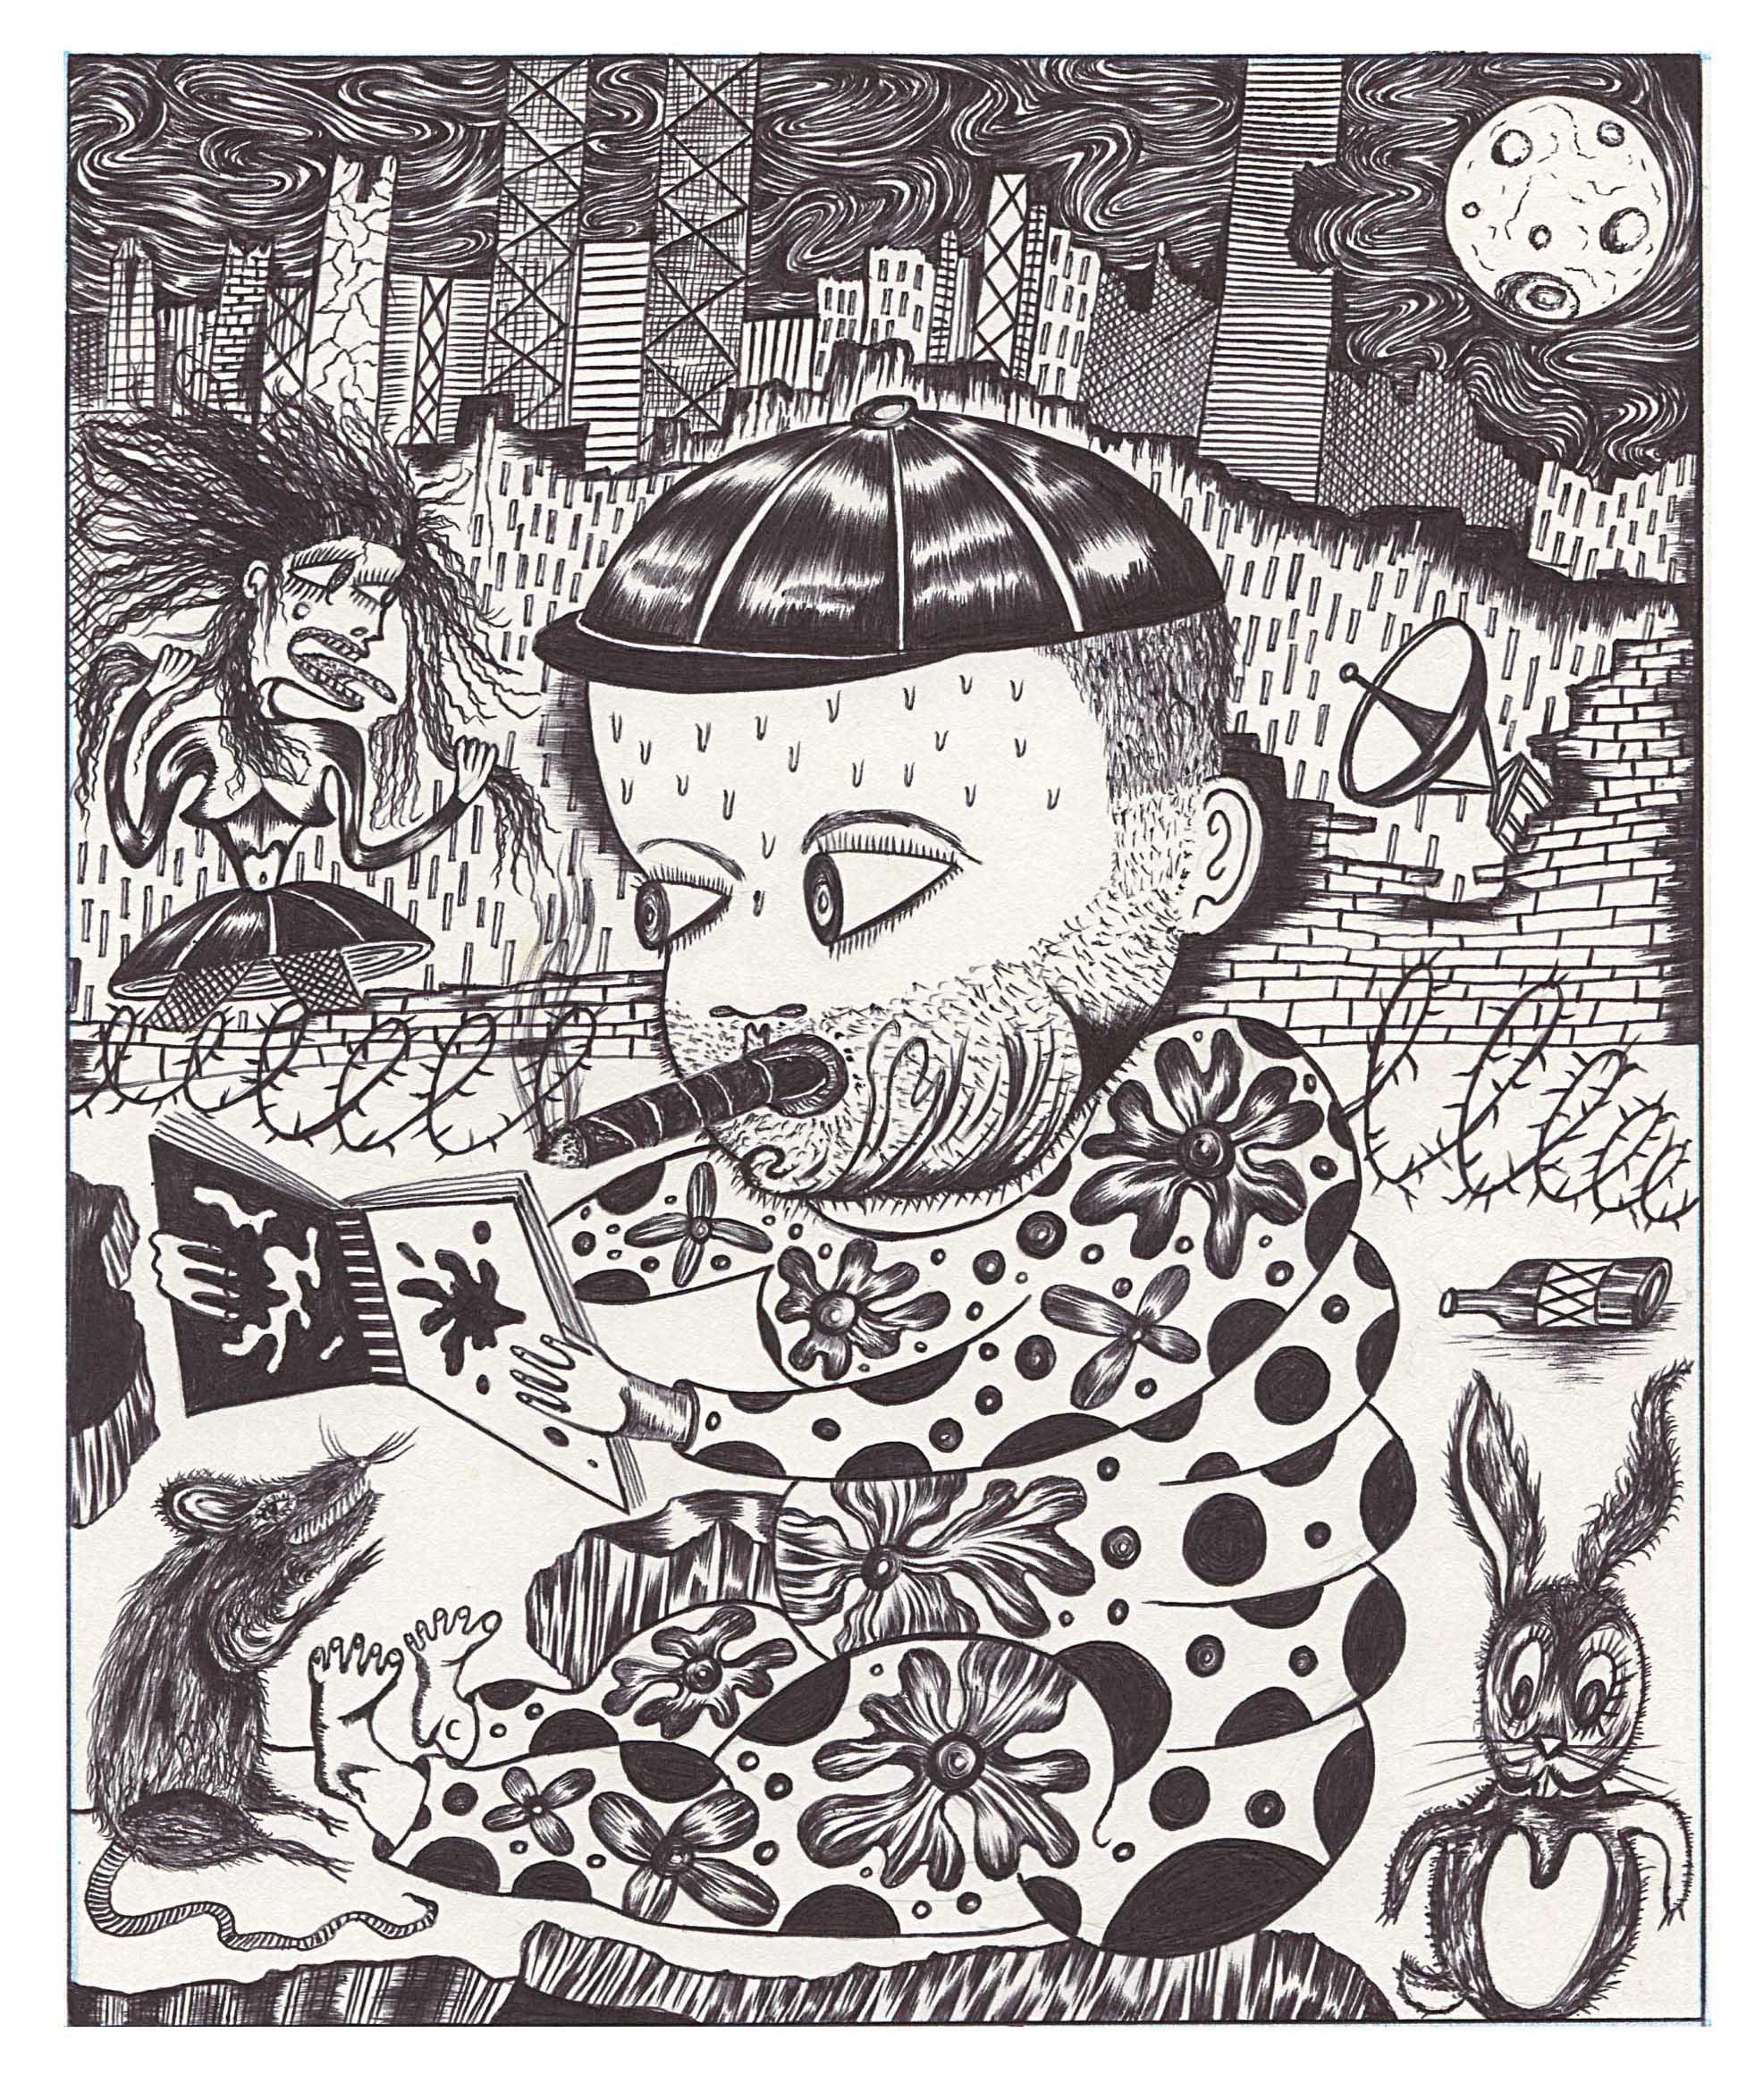 Wilson by David Mamet - Hermenaut Issue 16 2000